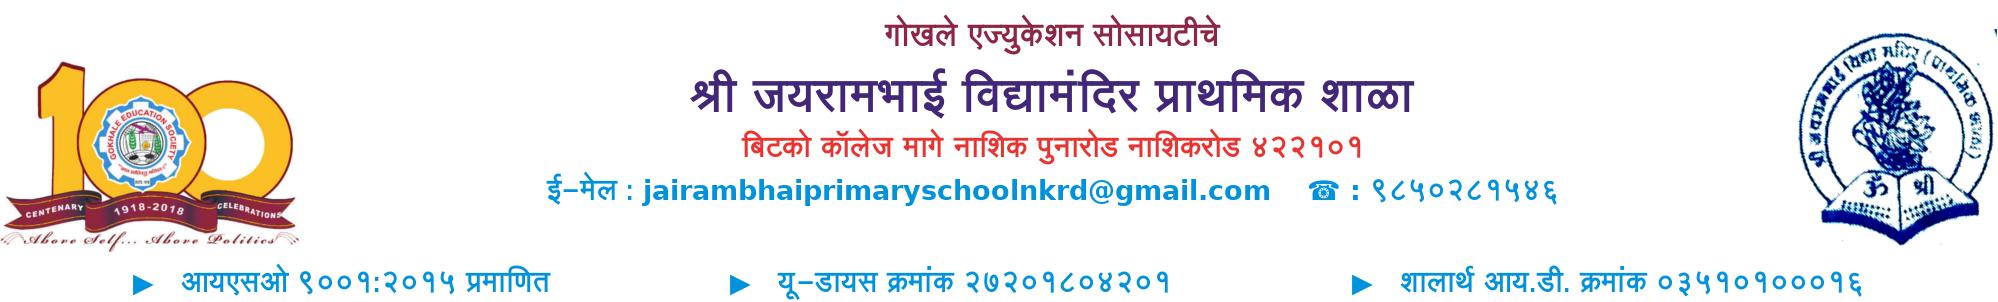 श्री जयरामभाई विद्यामंदिर प्राथमिक शाळा